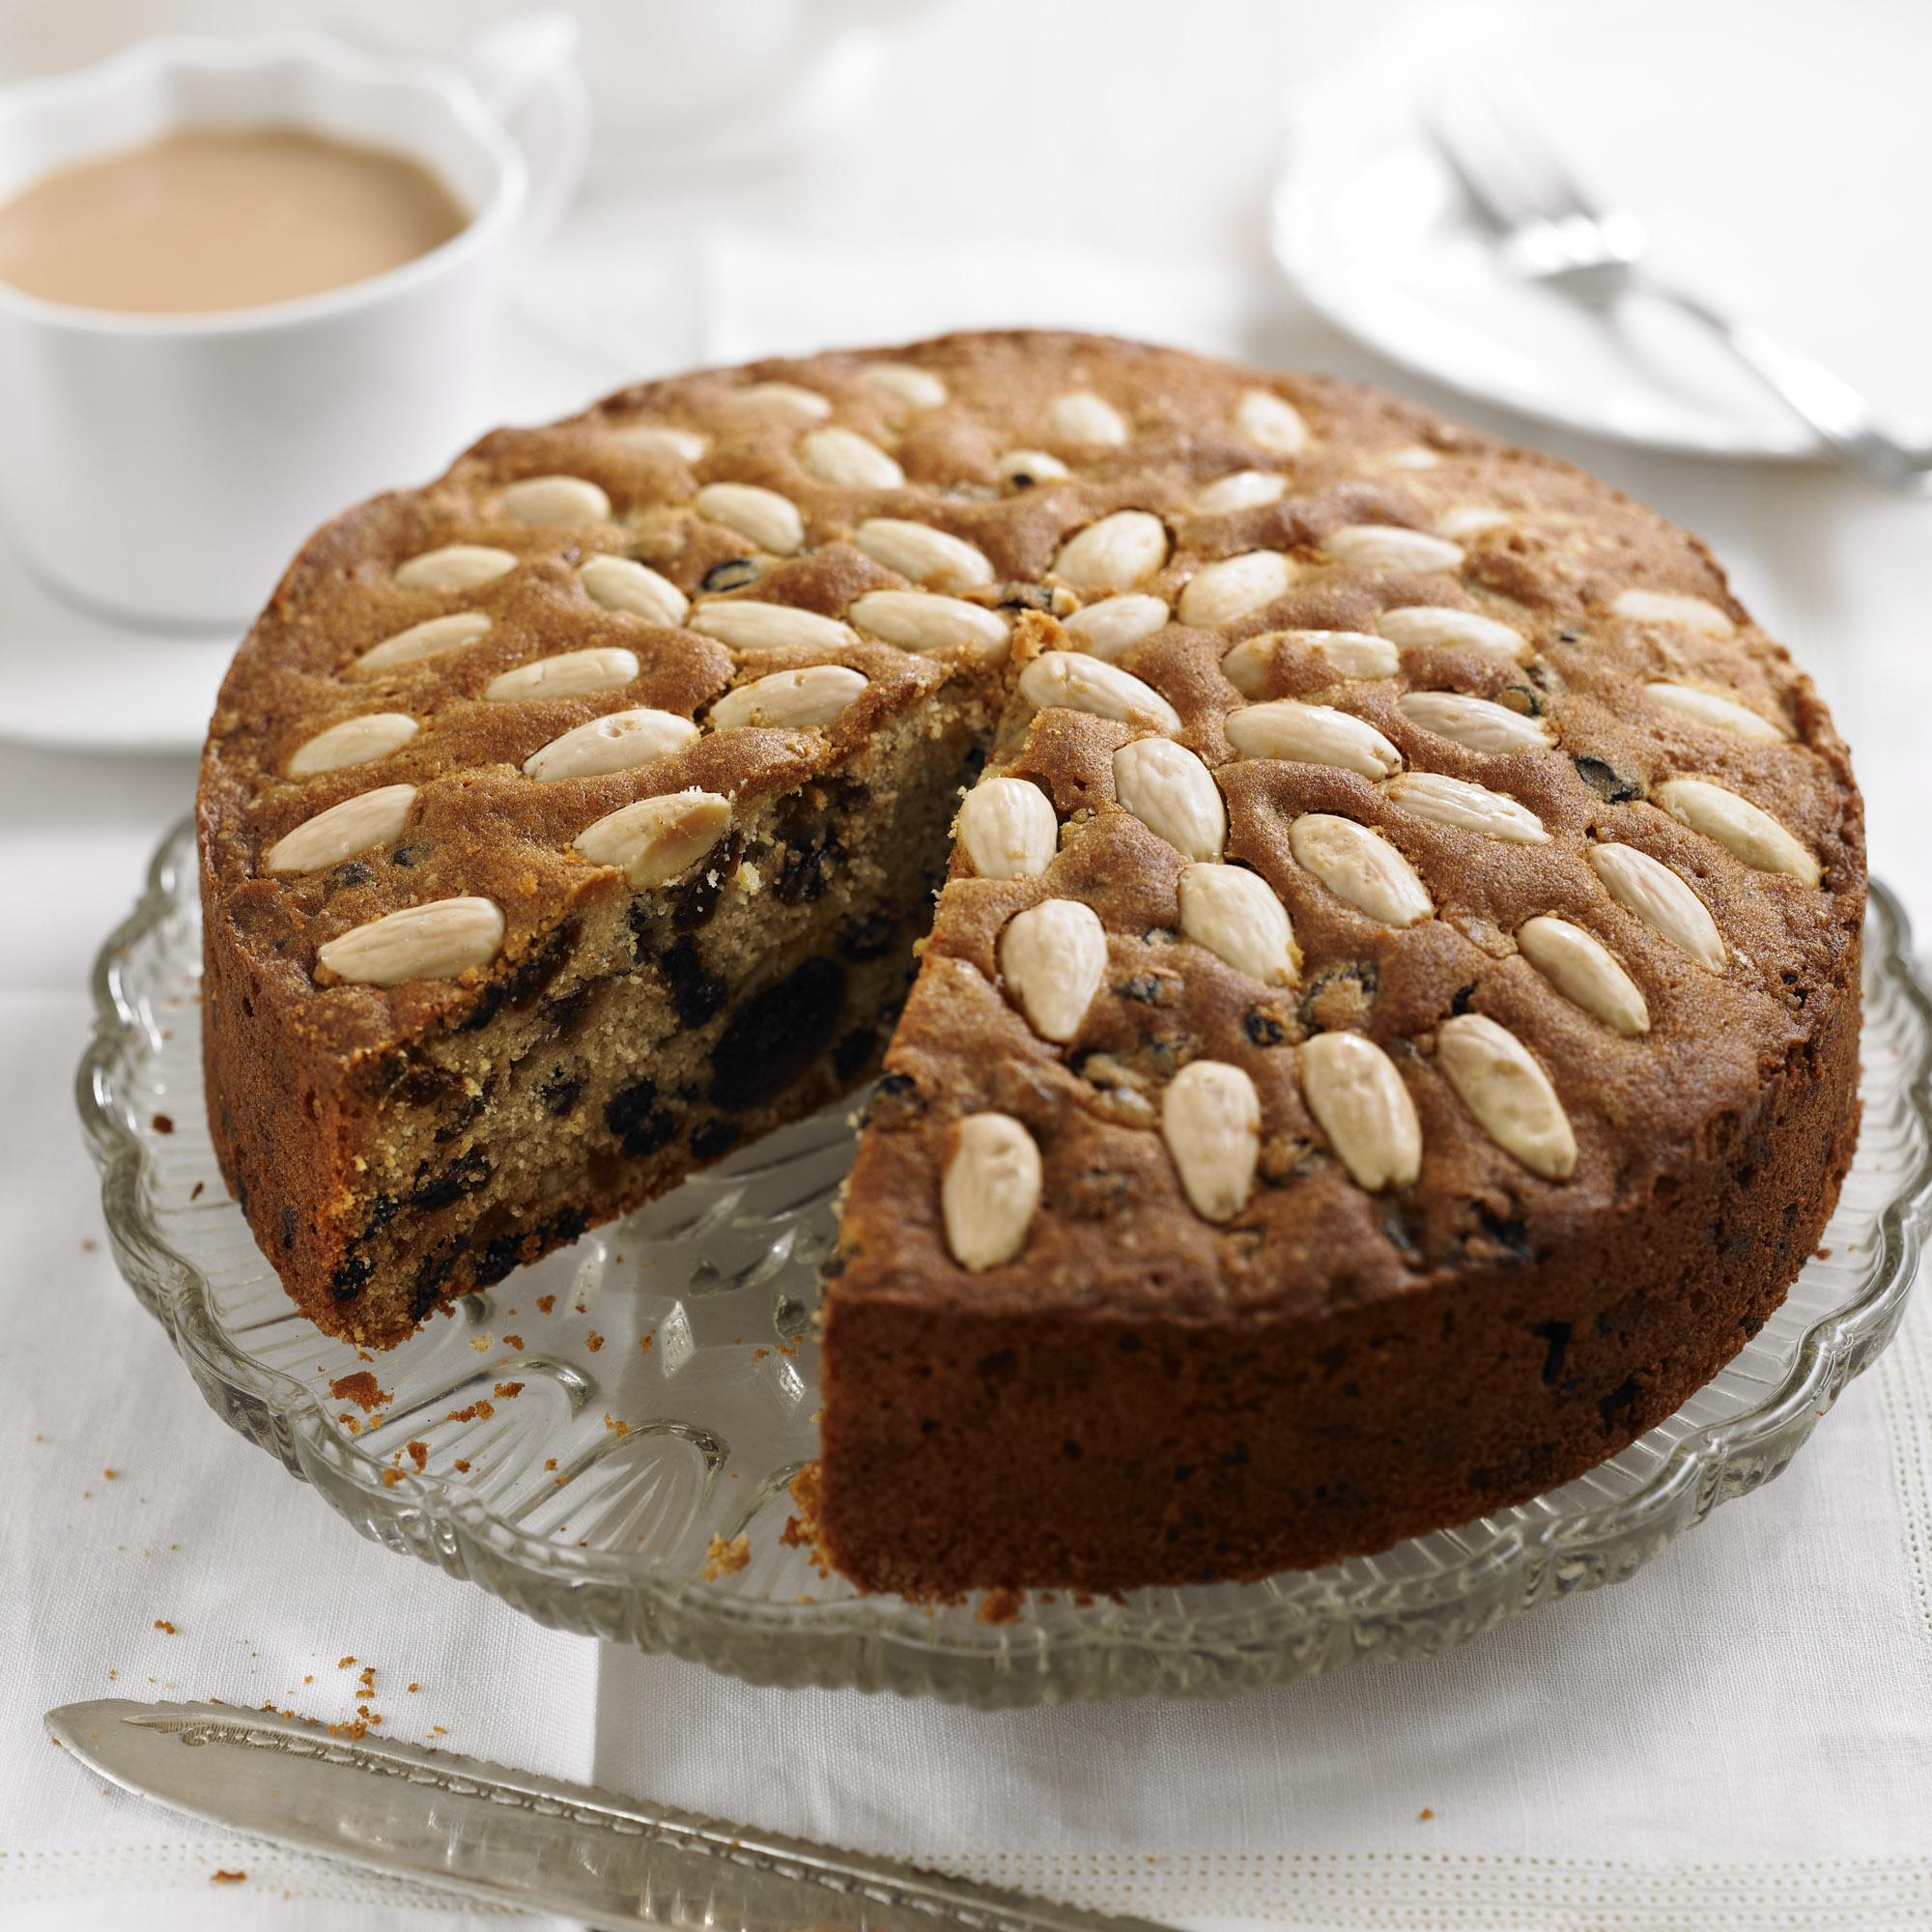 ãDundee cakeãã®ç»åæ¤ç´¢çµæ